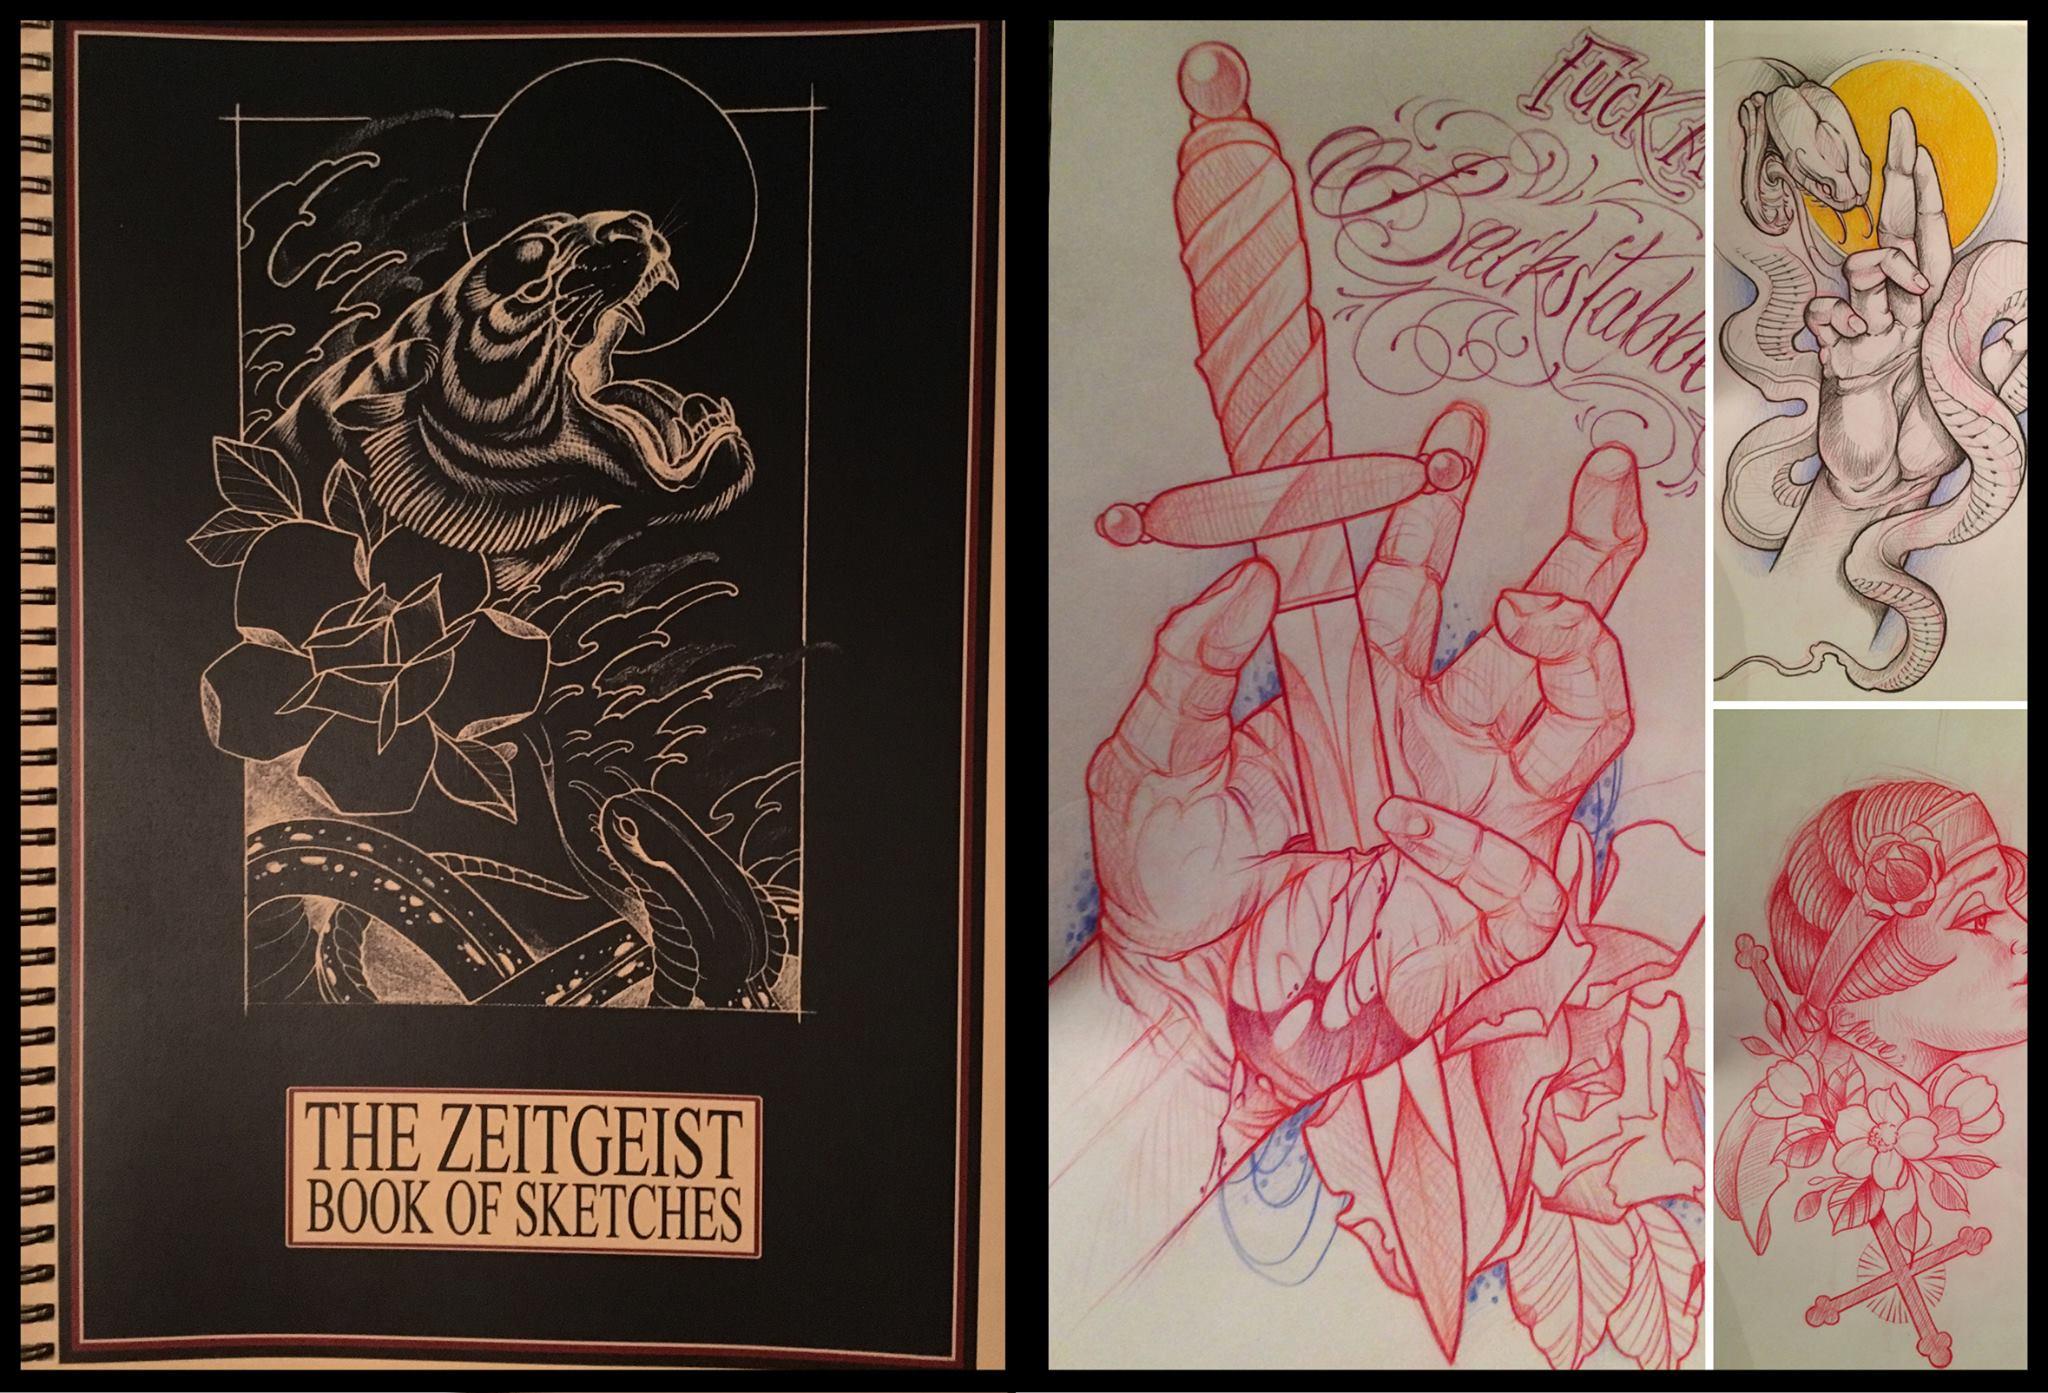 Here we go...Das erste Zeitgeist Sketchbook von Ron Raida ist nach langem warten